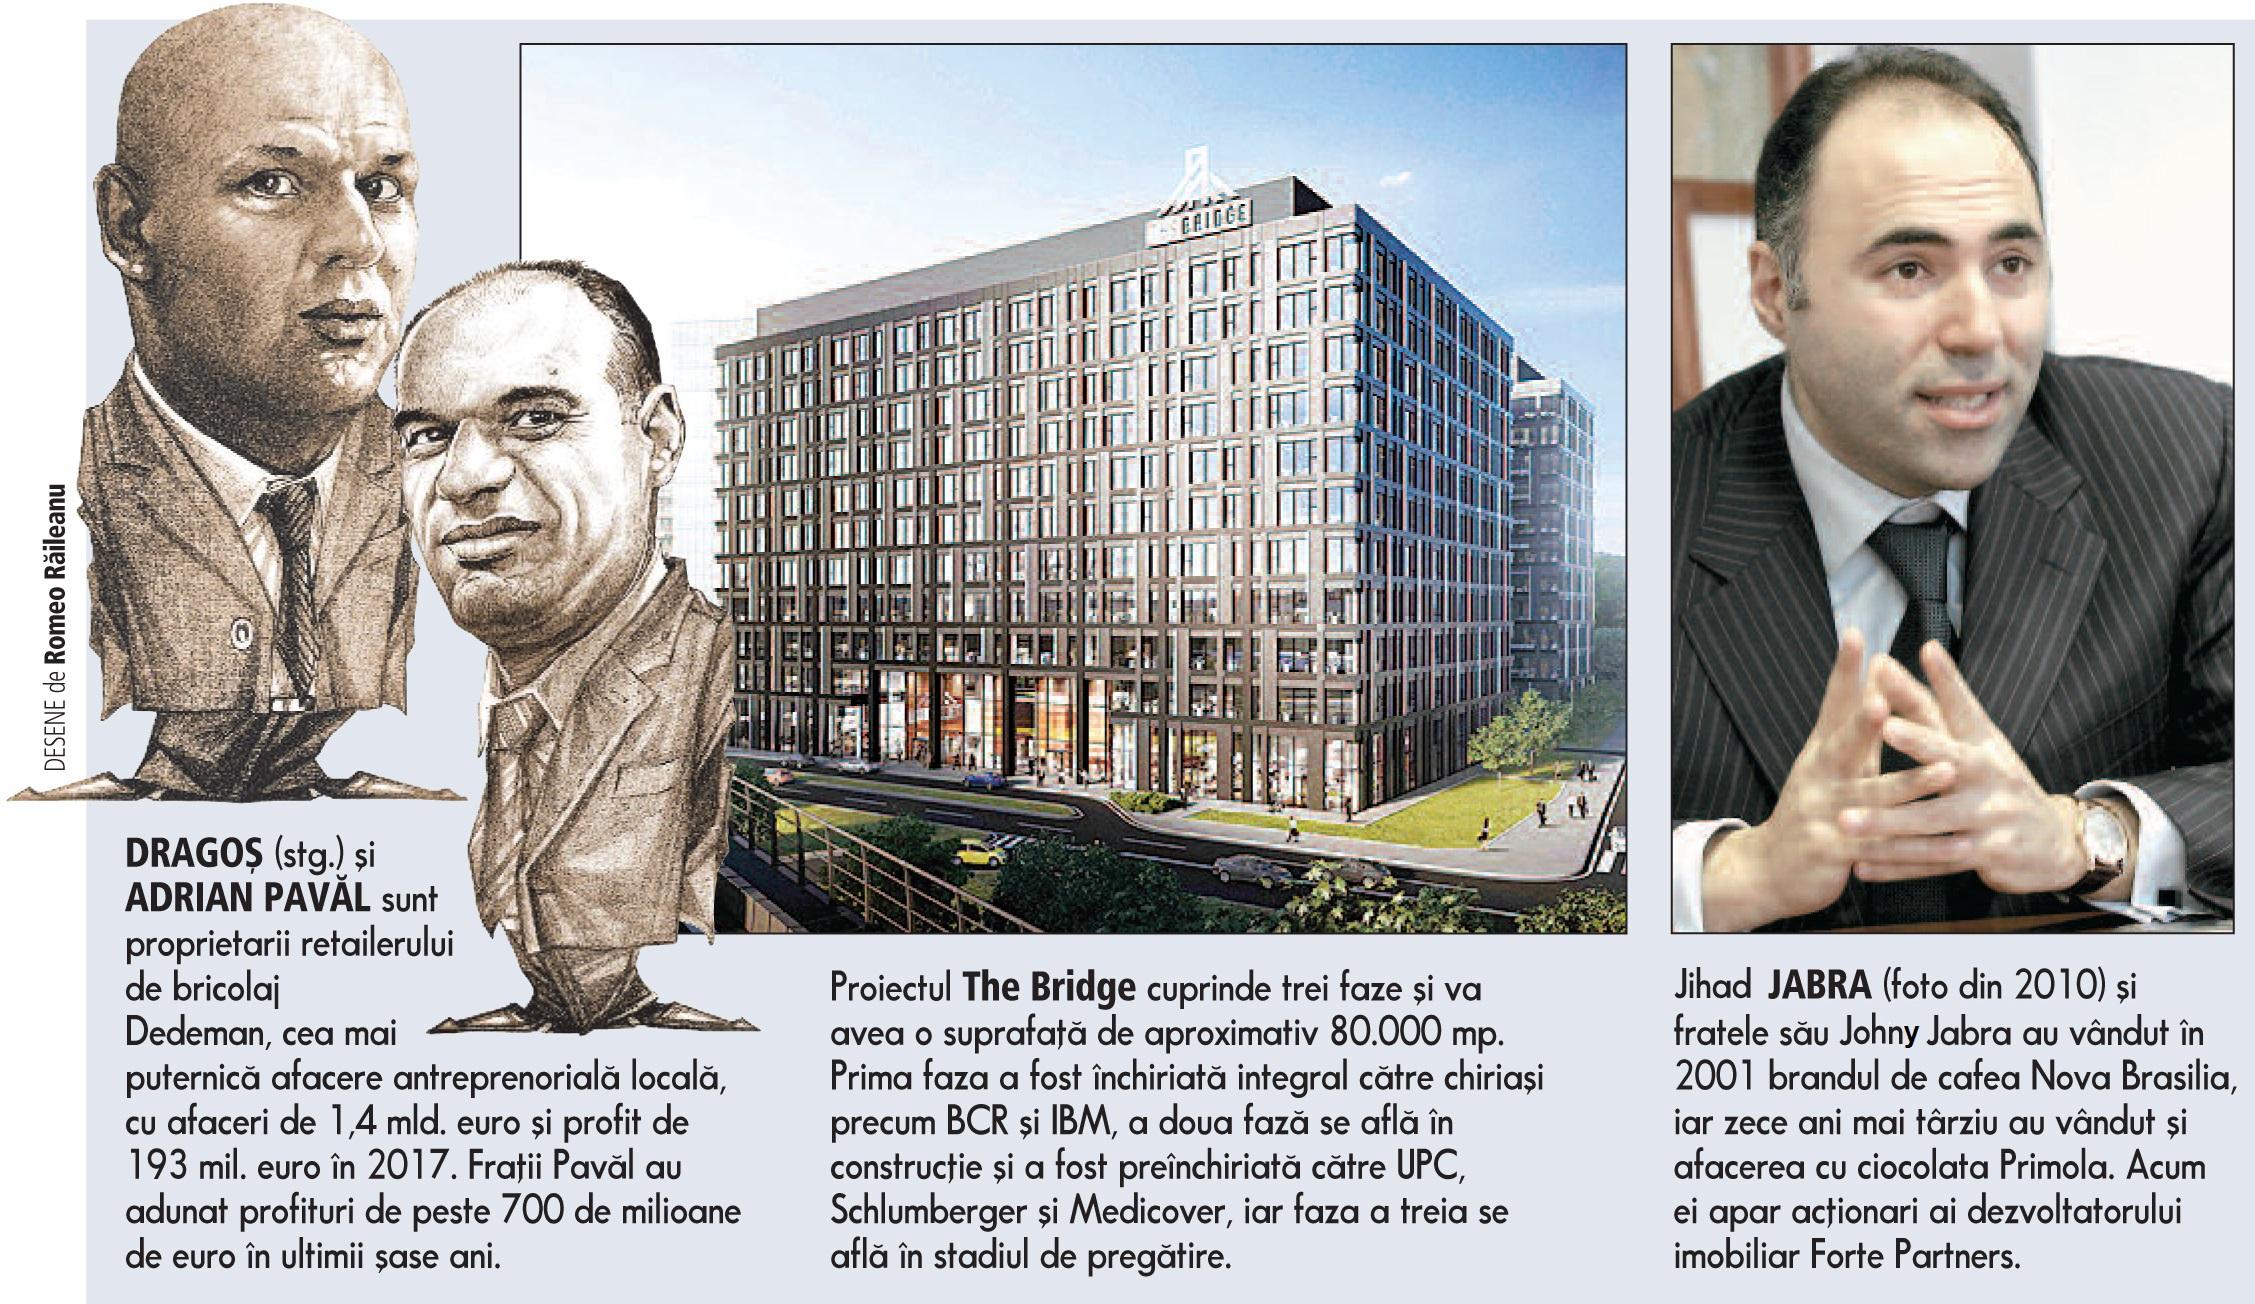 Fraţii Pavăl cumpără cu 200 mil. euro proiectul de birouri The Bridge din Bucureşti de la fraţii libanezi Jabra. În ultimii şase ani fraţii Pavăl au adunat profituri de peste 700 de milioane de euro